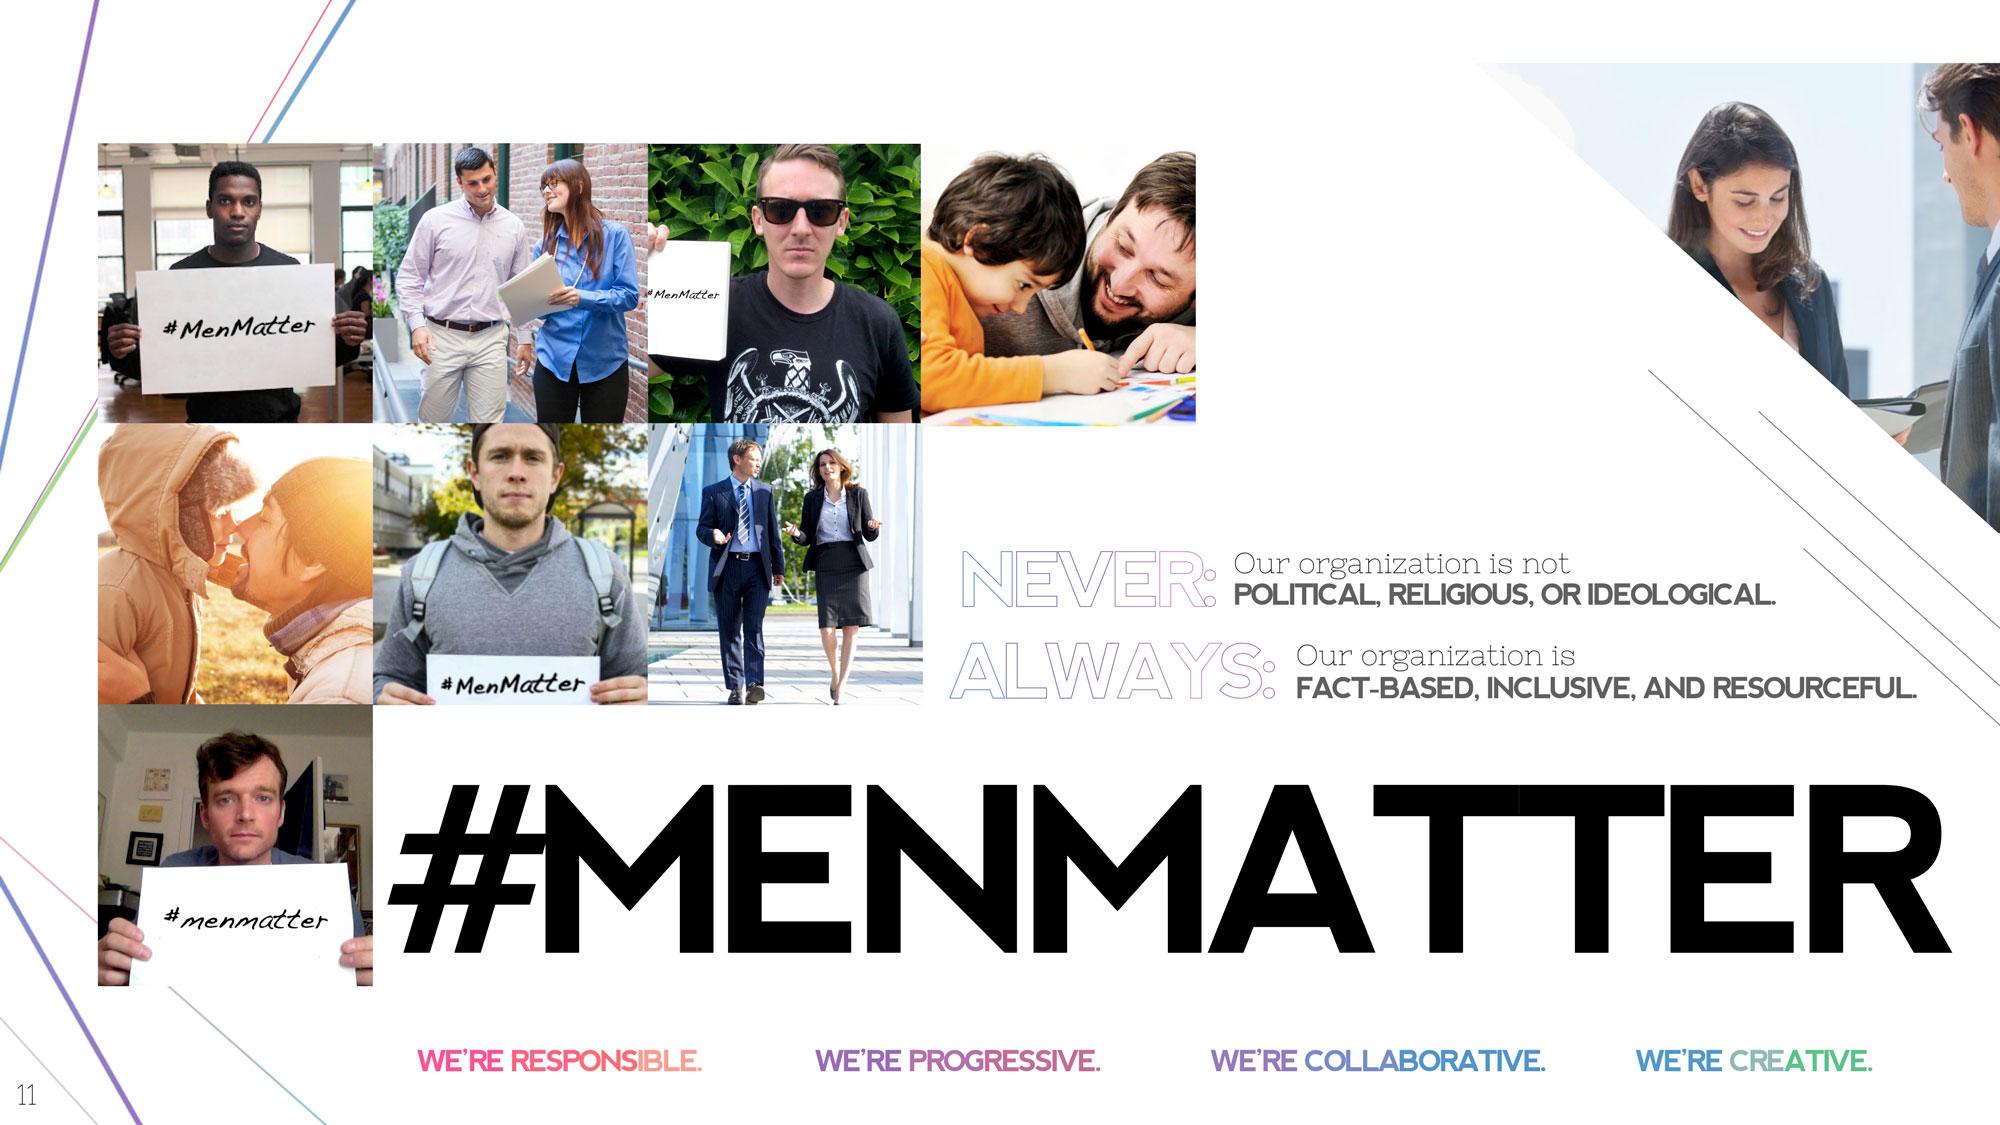 2018_Men_Matter_Deck_V1.11.jpg